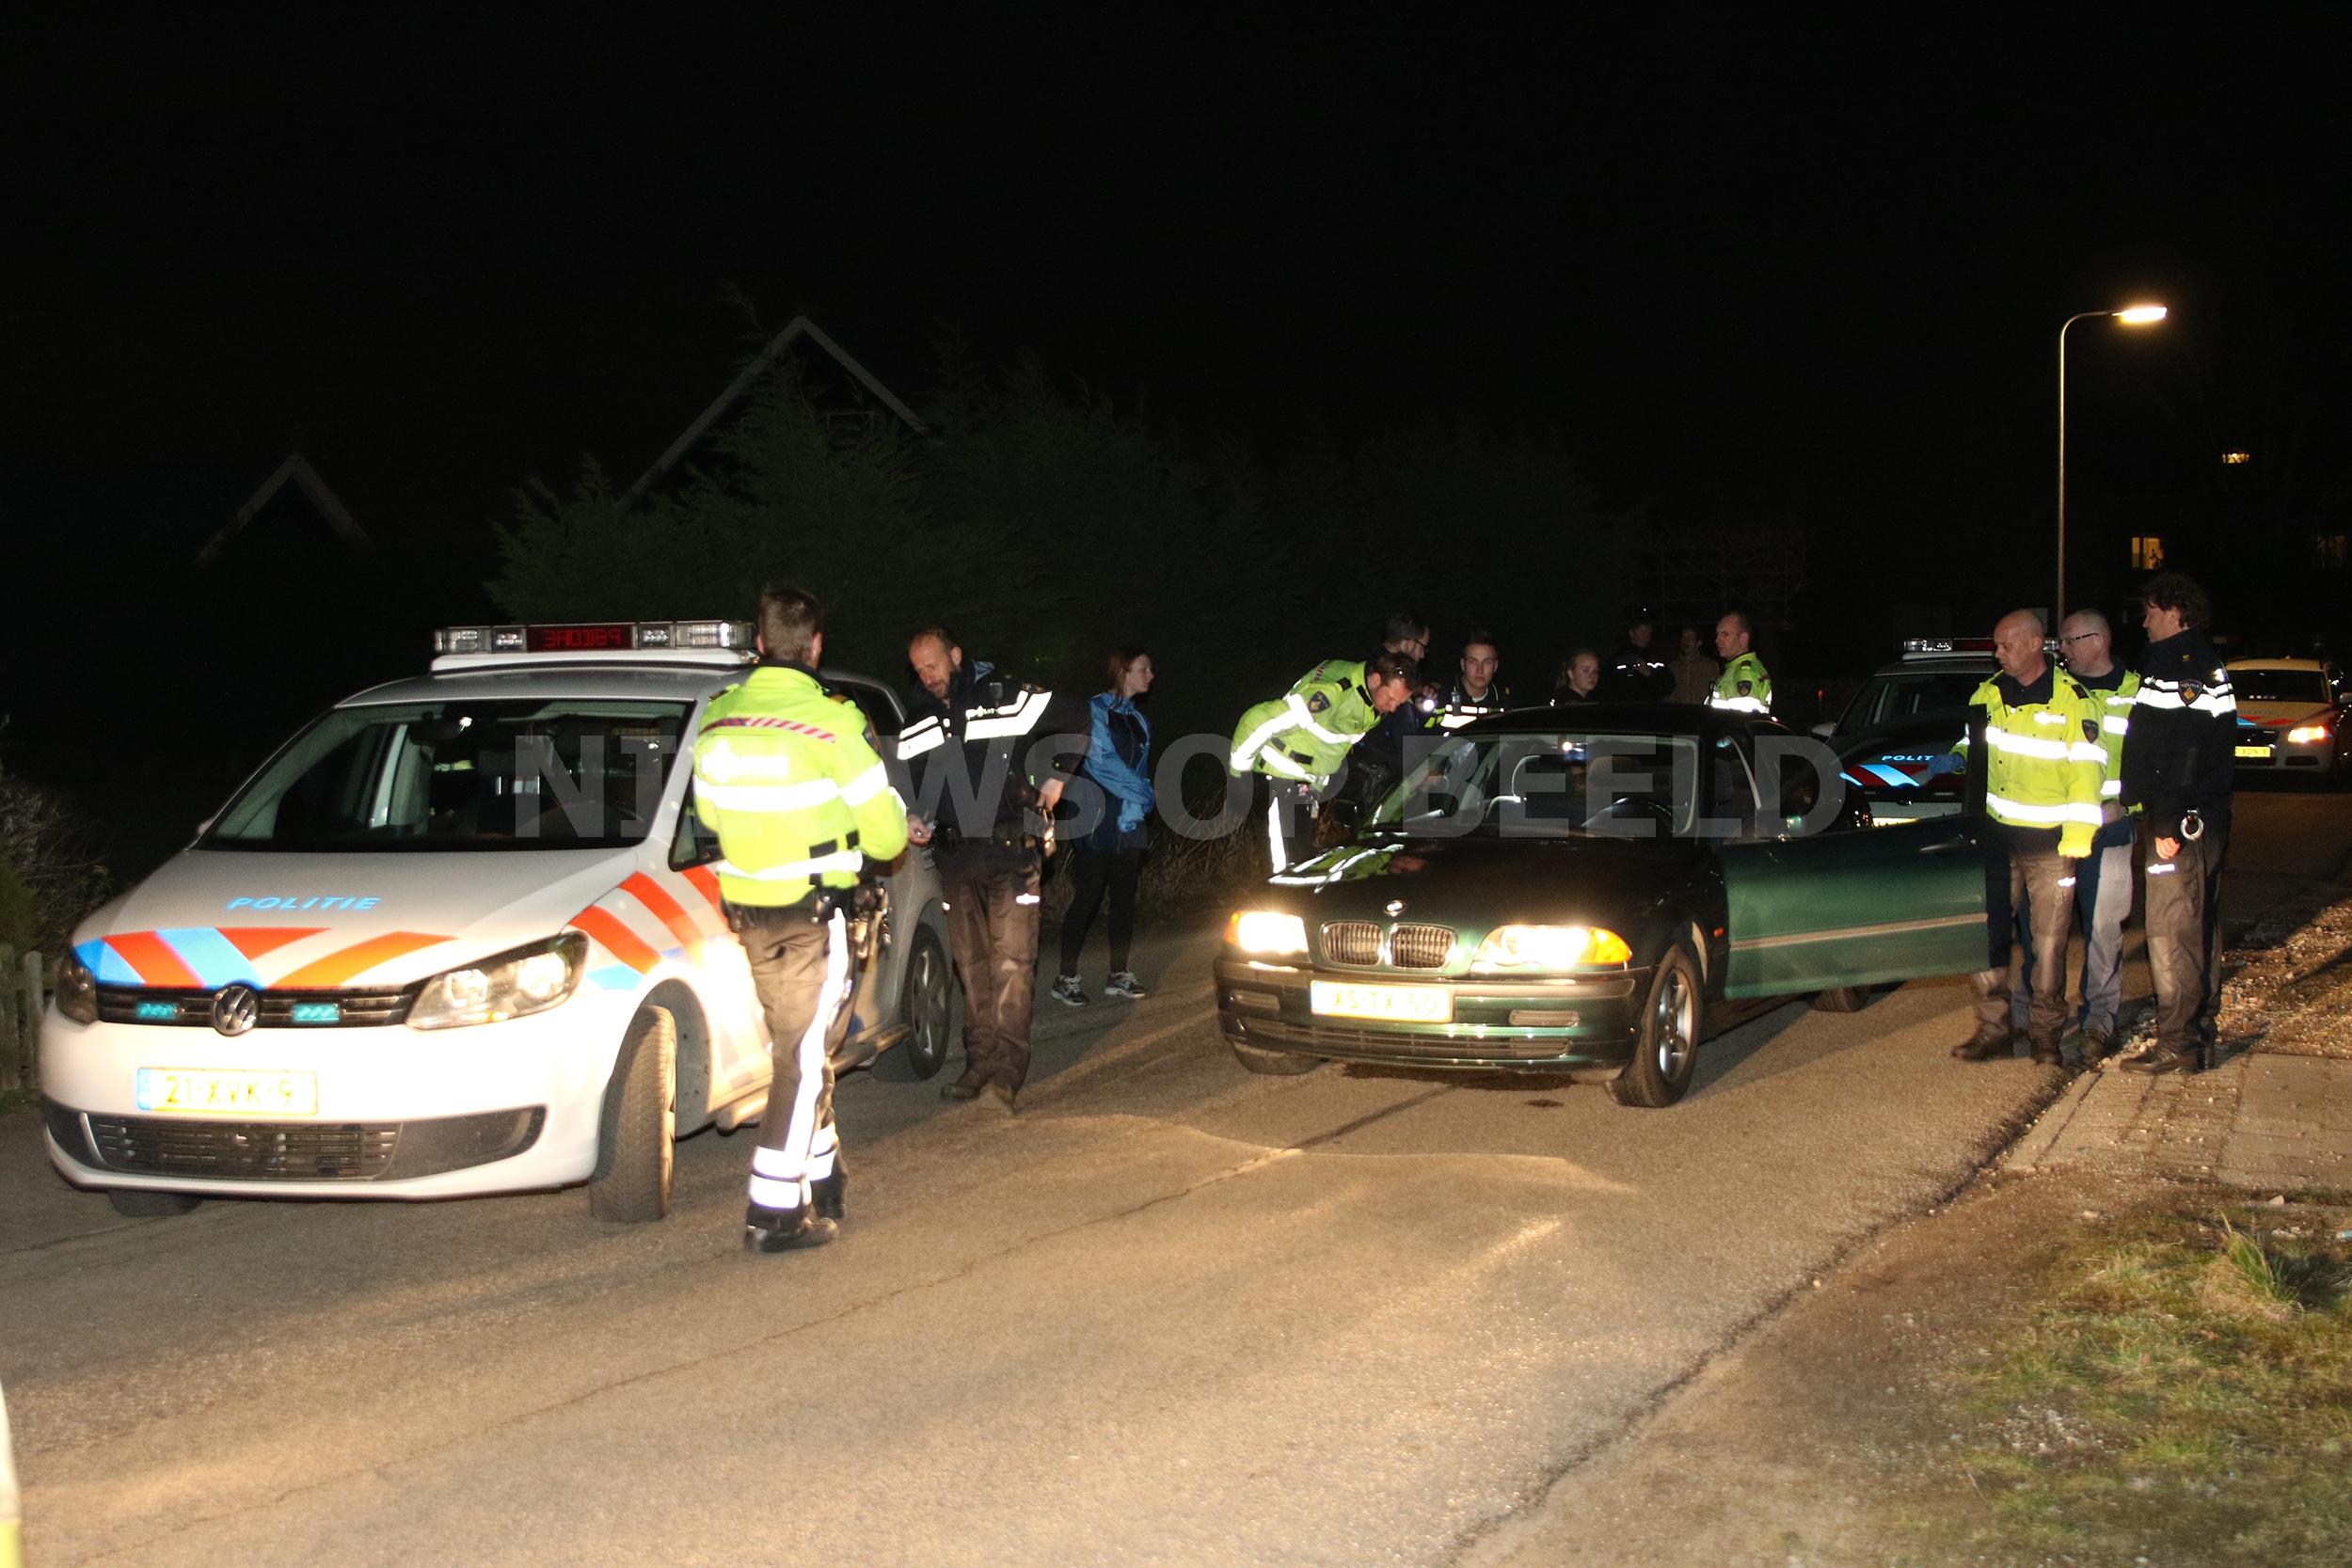 Politie achtervolging uit Delft eindigt met beet door politiehond en aanhouding van vier verdachten in Roelofarendsveen